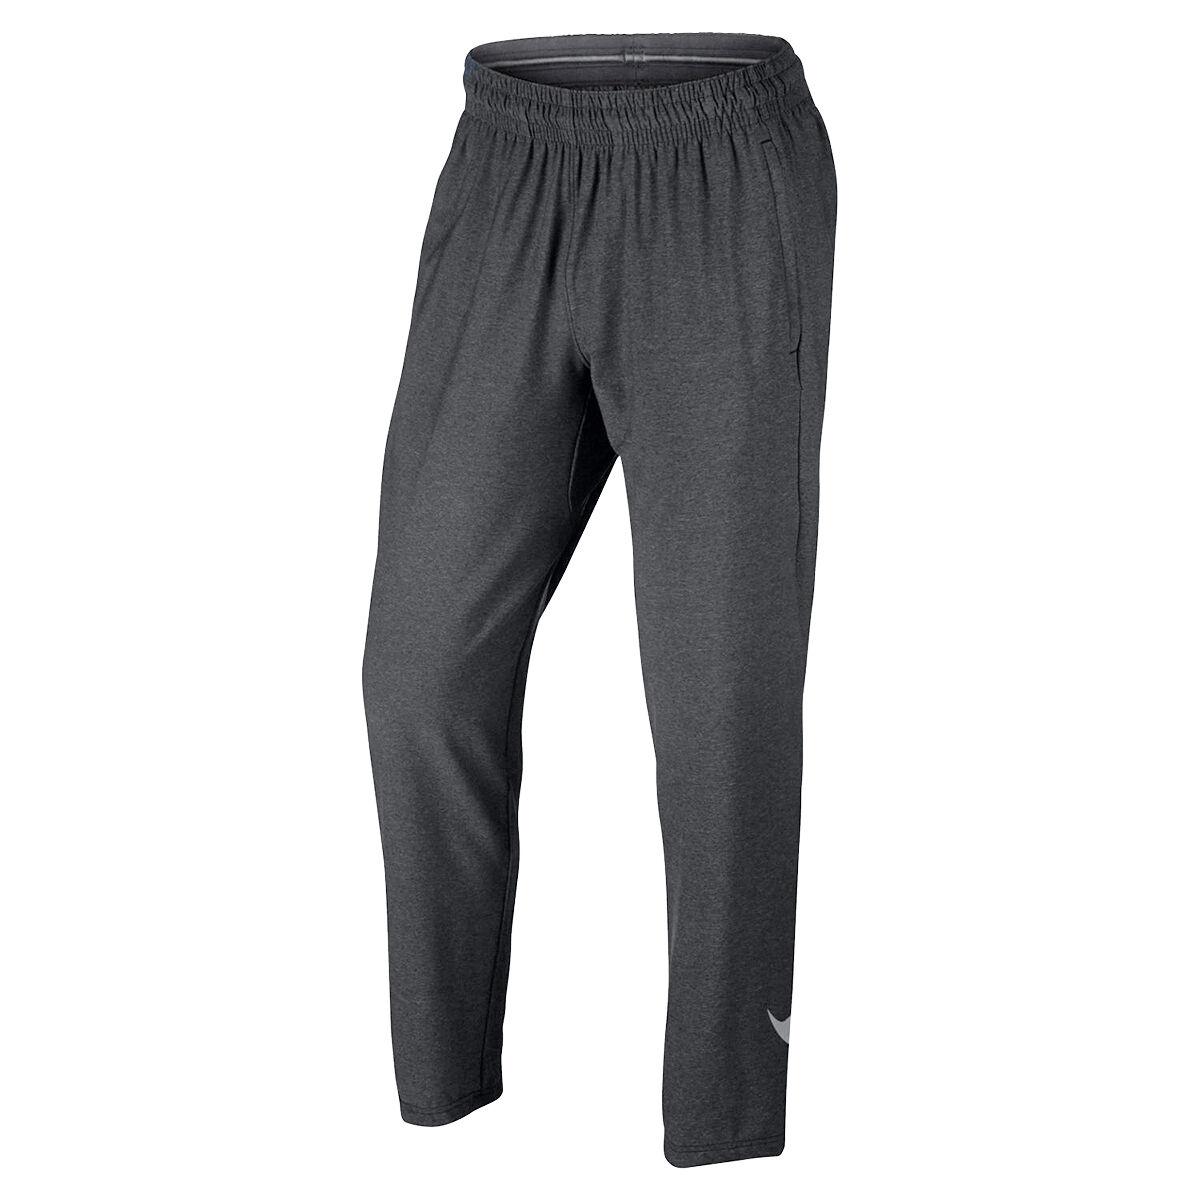 Nike Flex Hyper Elite Hose Herren Neu 801921-010 Dunkelgrau